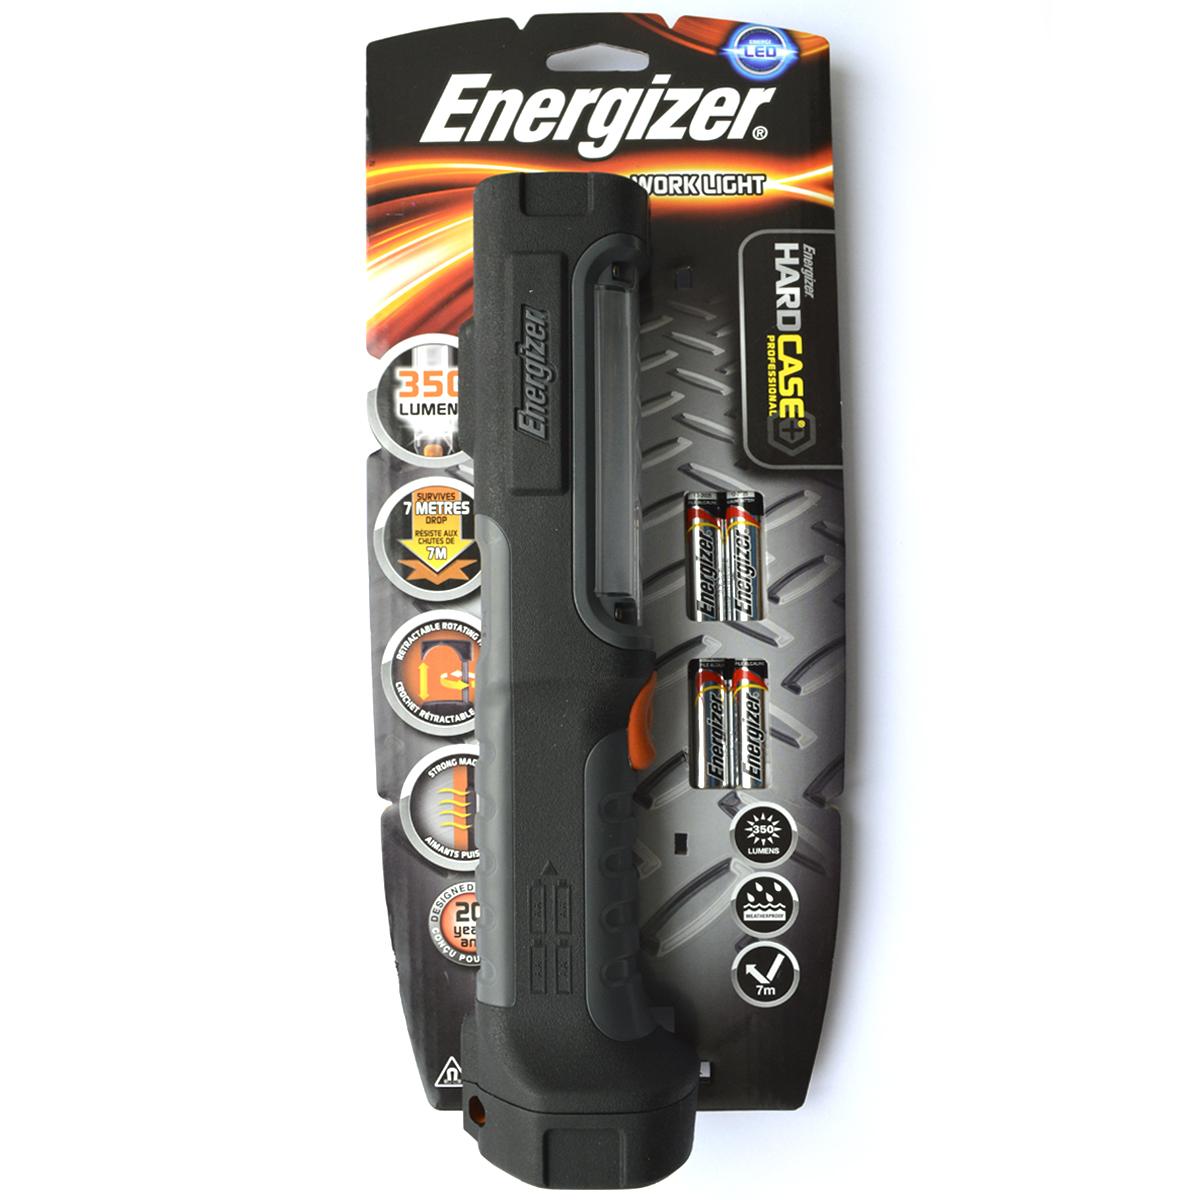 Фонарь ручной Energizer HardCase Pro Work Lig. 6398256398256 сверхярких светодиода Исключительная ударопрочность — устойчив к падению с высоты до 7 метров Выдвижной крючок для подвешивания Встроенные магнитные крепления для полной свободы рук Небьющиеся линзы Высокая прочность и надежность Исключительно длительный срок службы — 20 лет В комплект входят 4 батарейки типоразмера AA